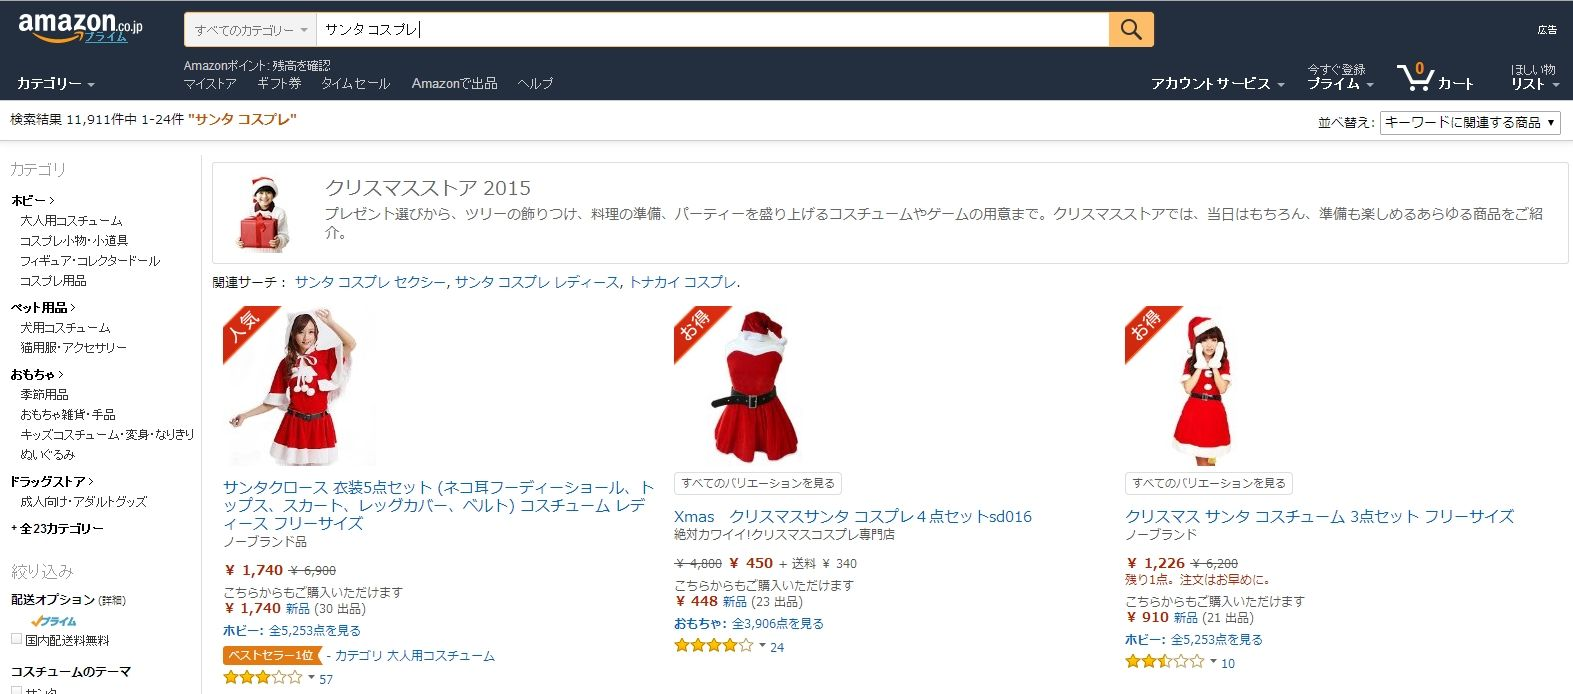 Amazonアクセスアップ